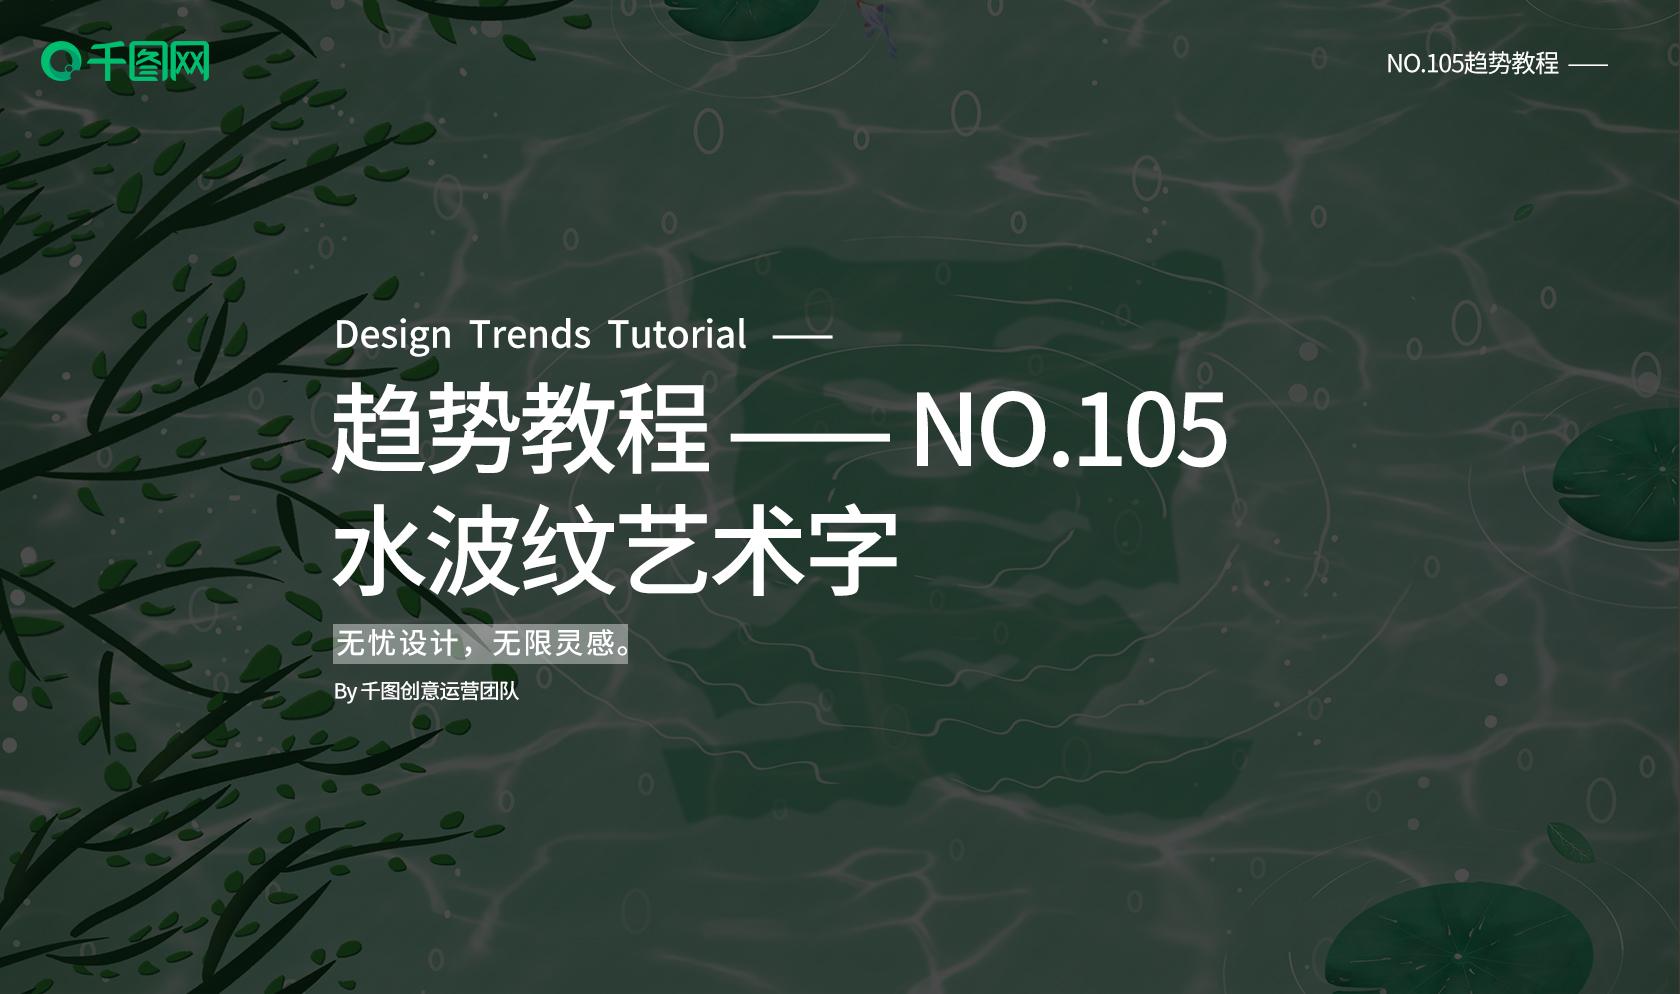 105趋势教程_01